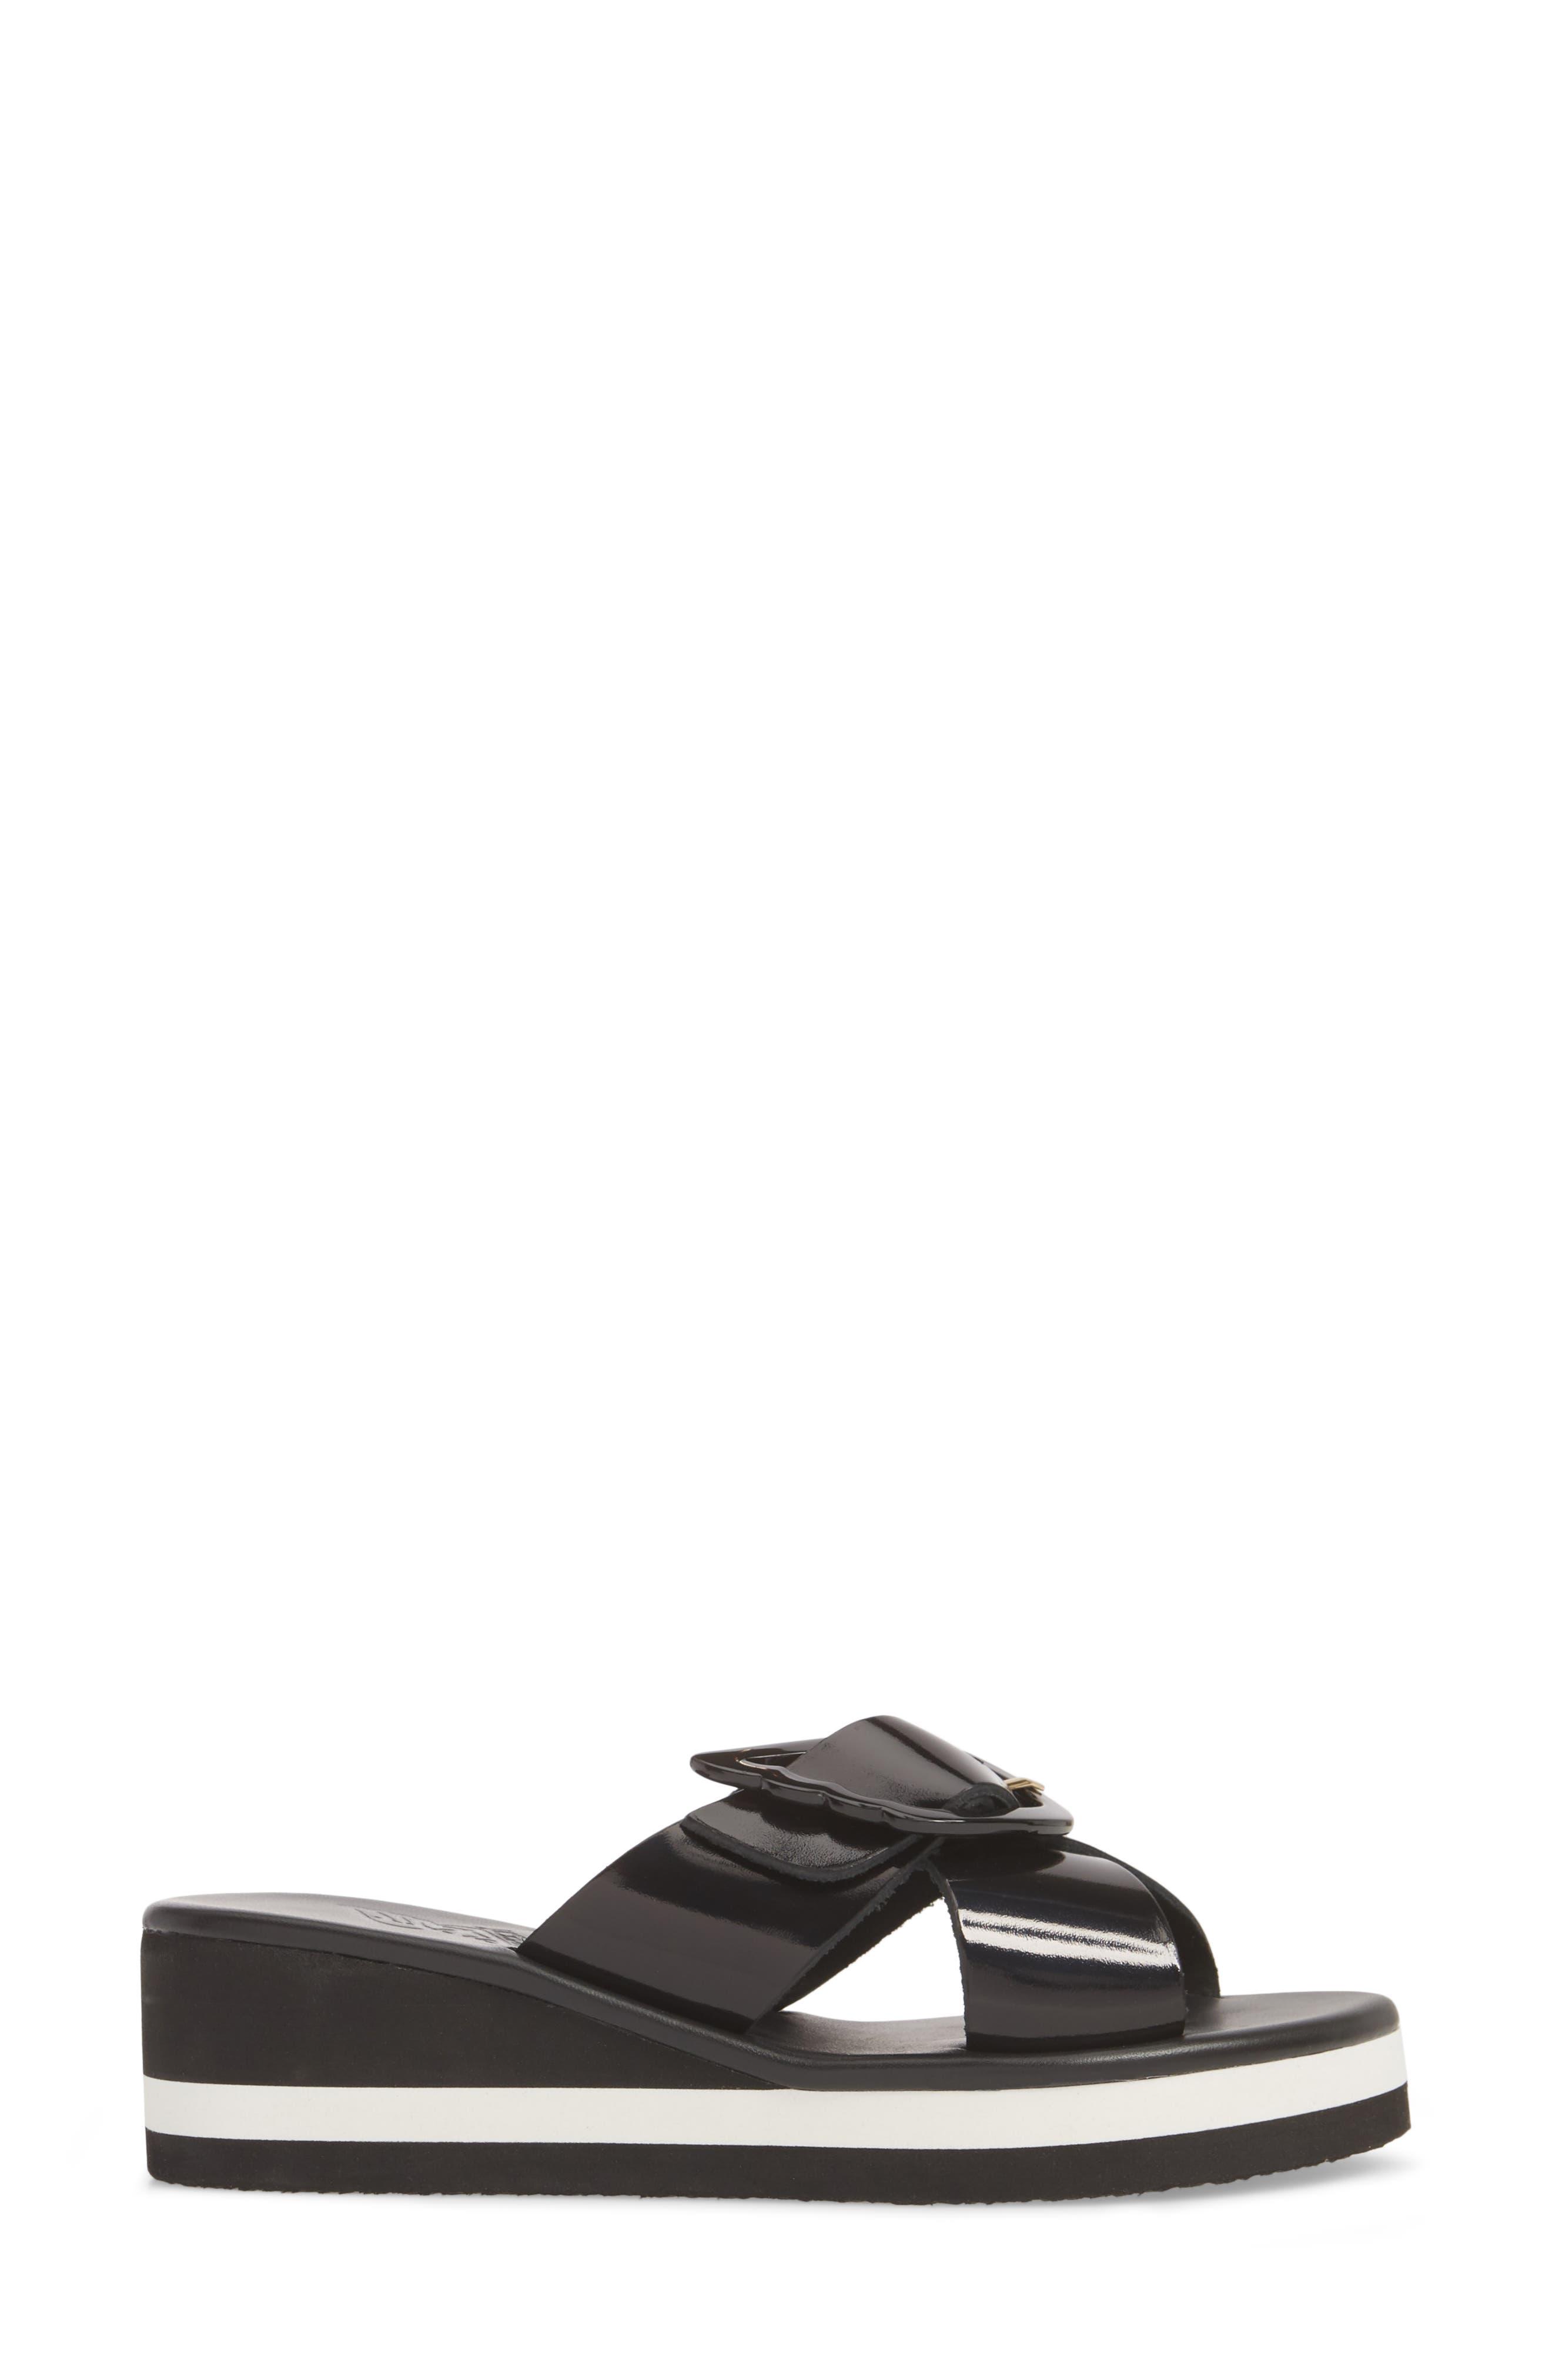 Thais Wedge Slide Sandal,                             Alternate thumbnail 3, color,                             BLACK